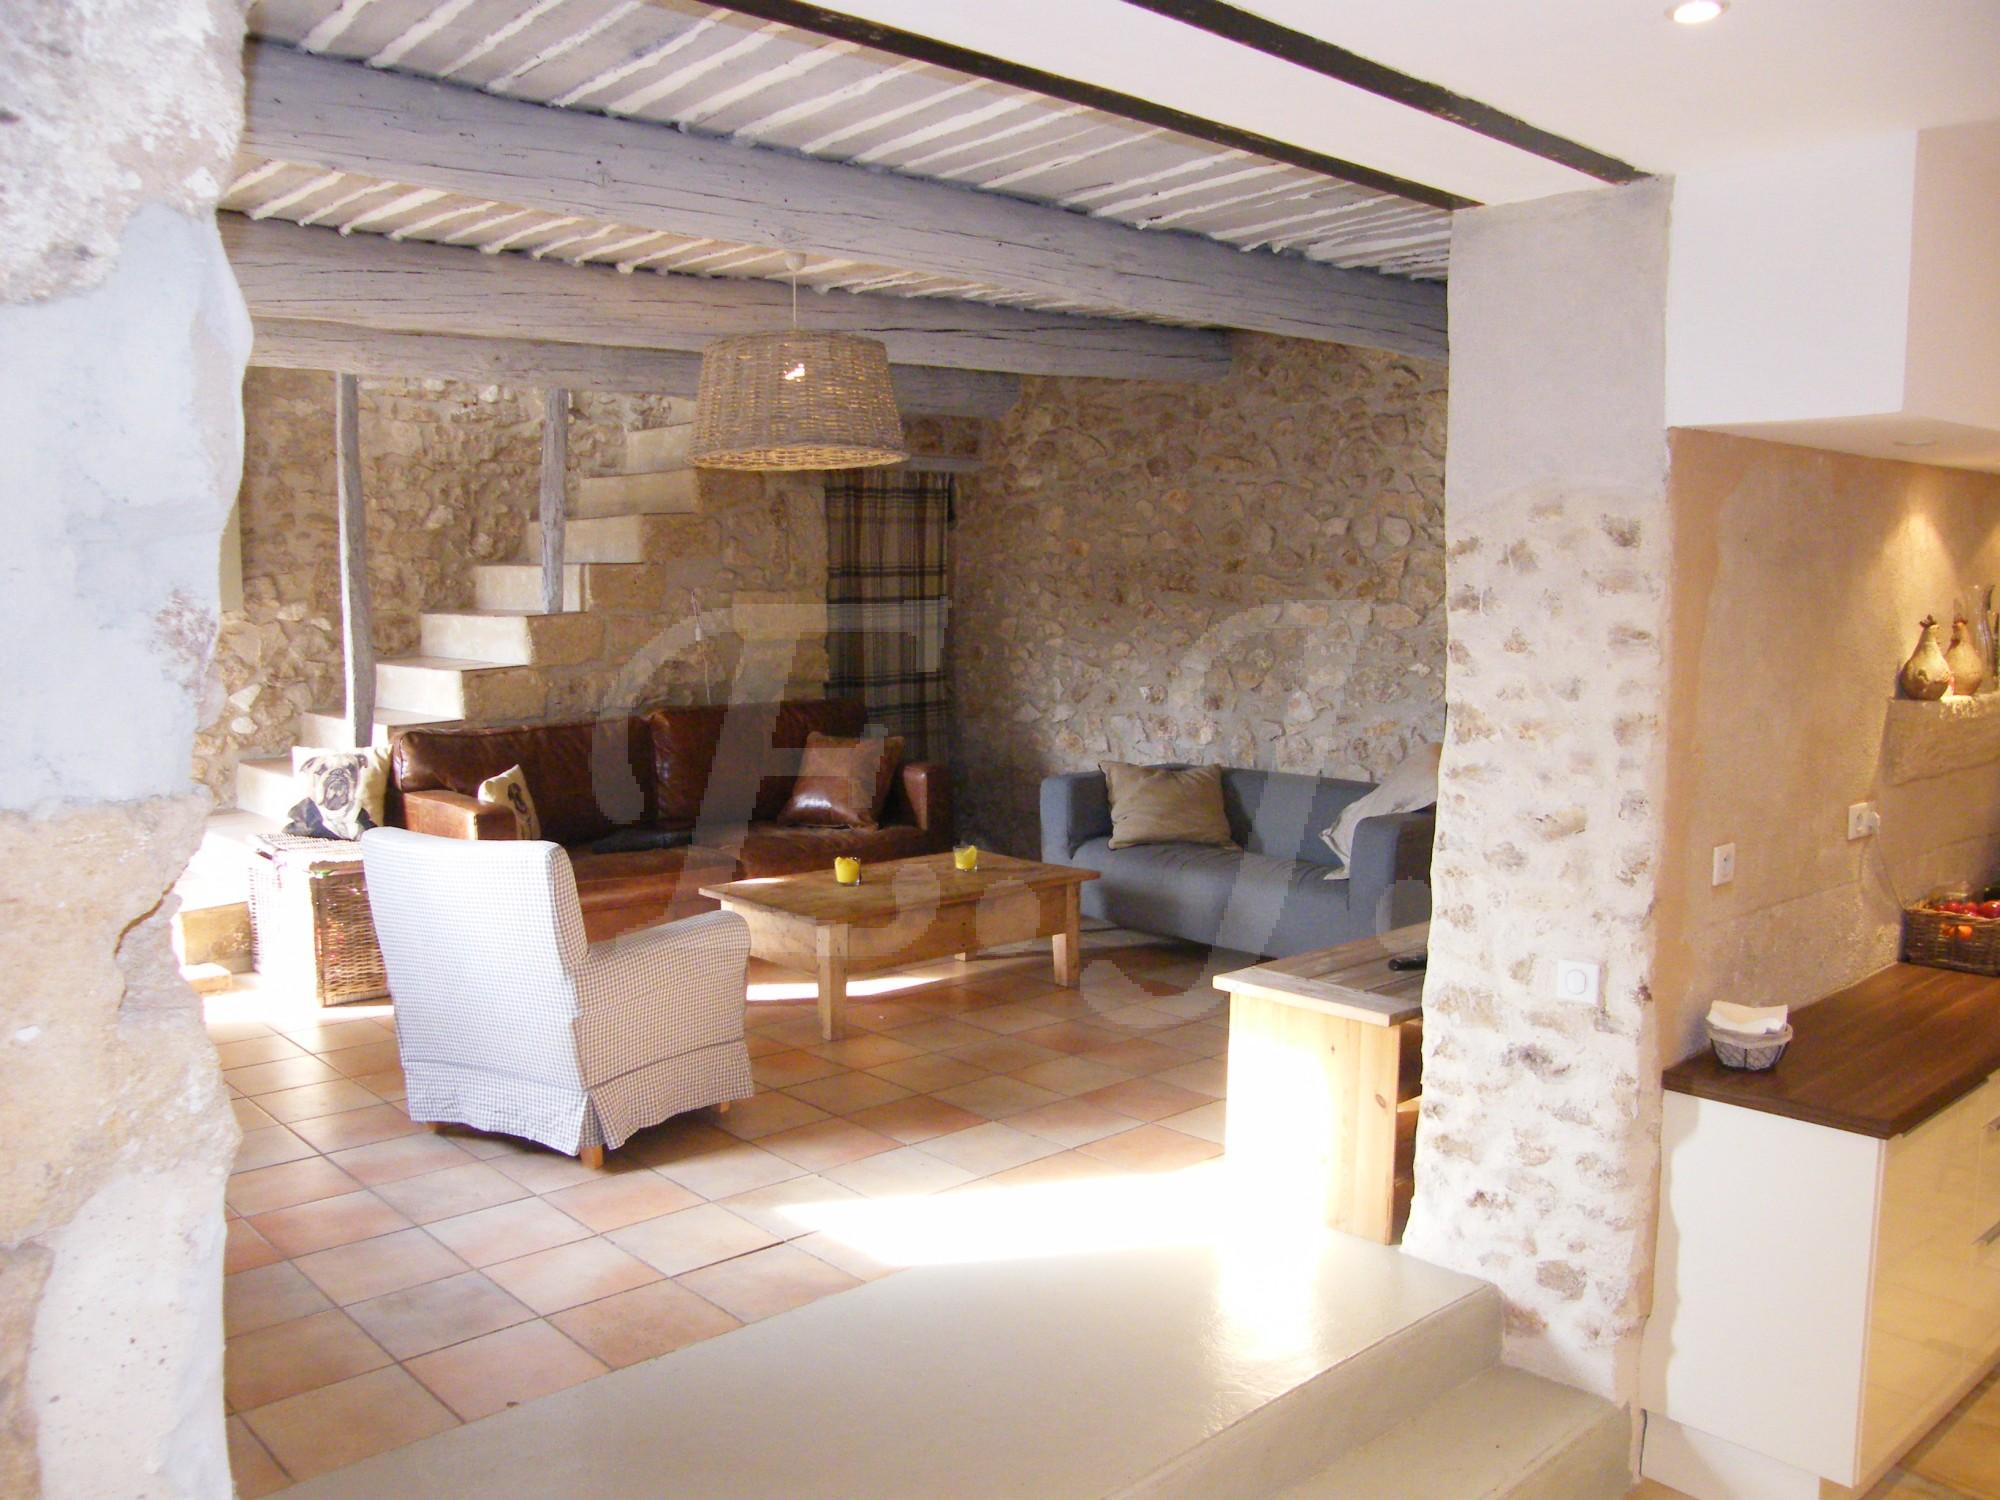 Ventes maison de hameau t4 f4 les taillades mas en pierre la restauration soign e et moderne for Maison pierre moderne